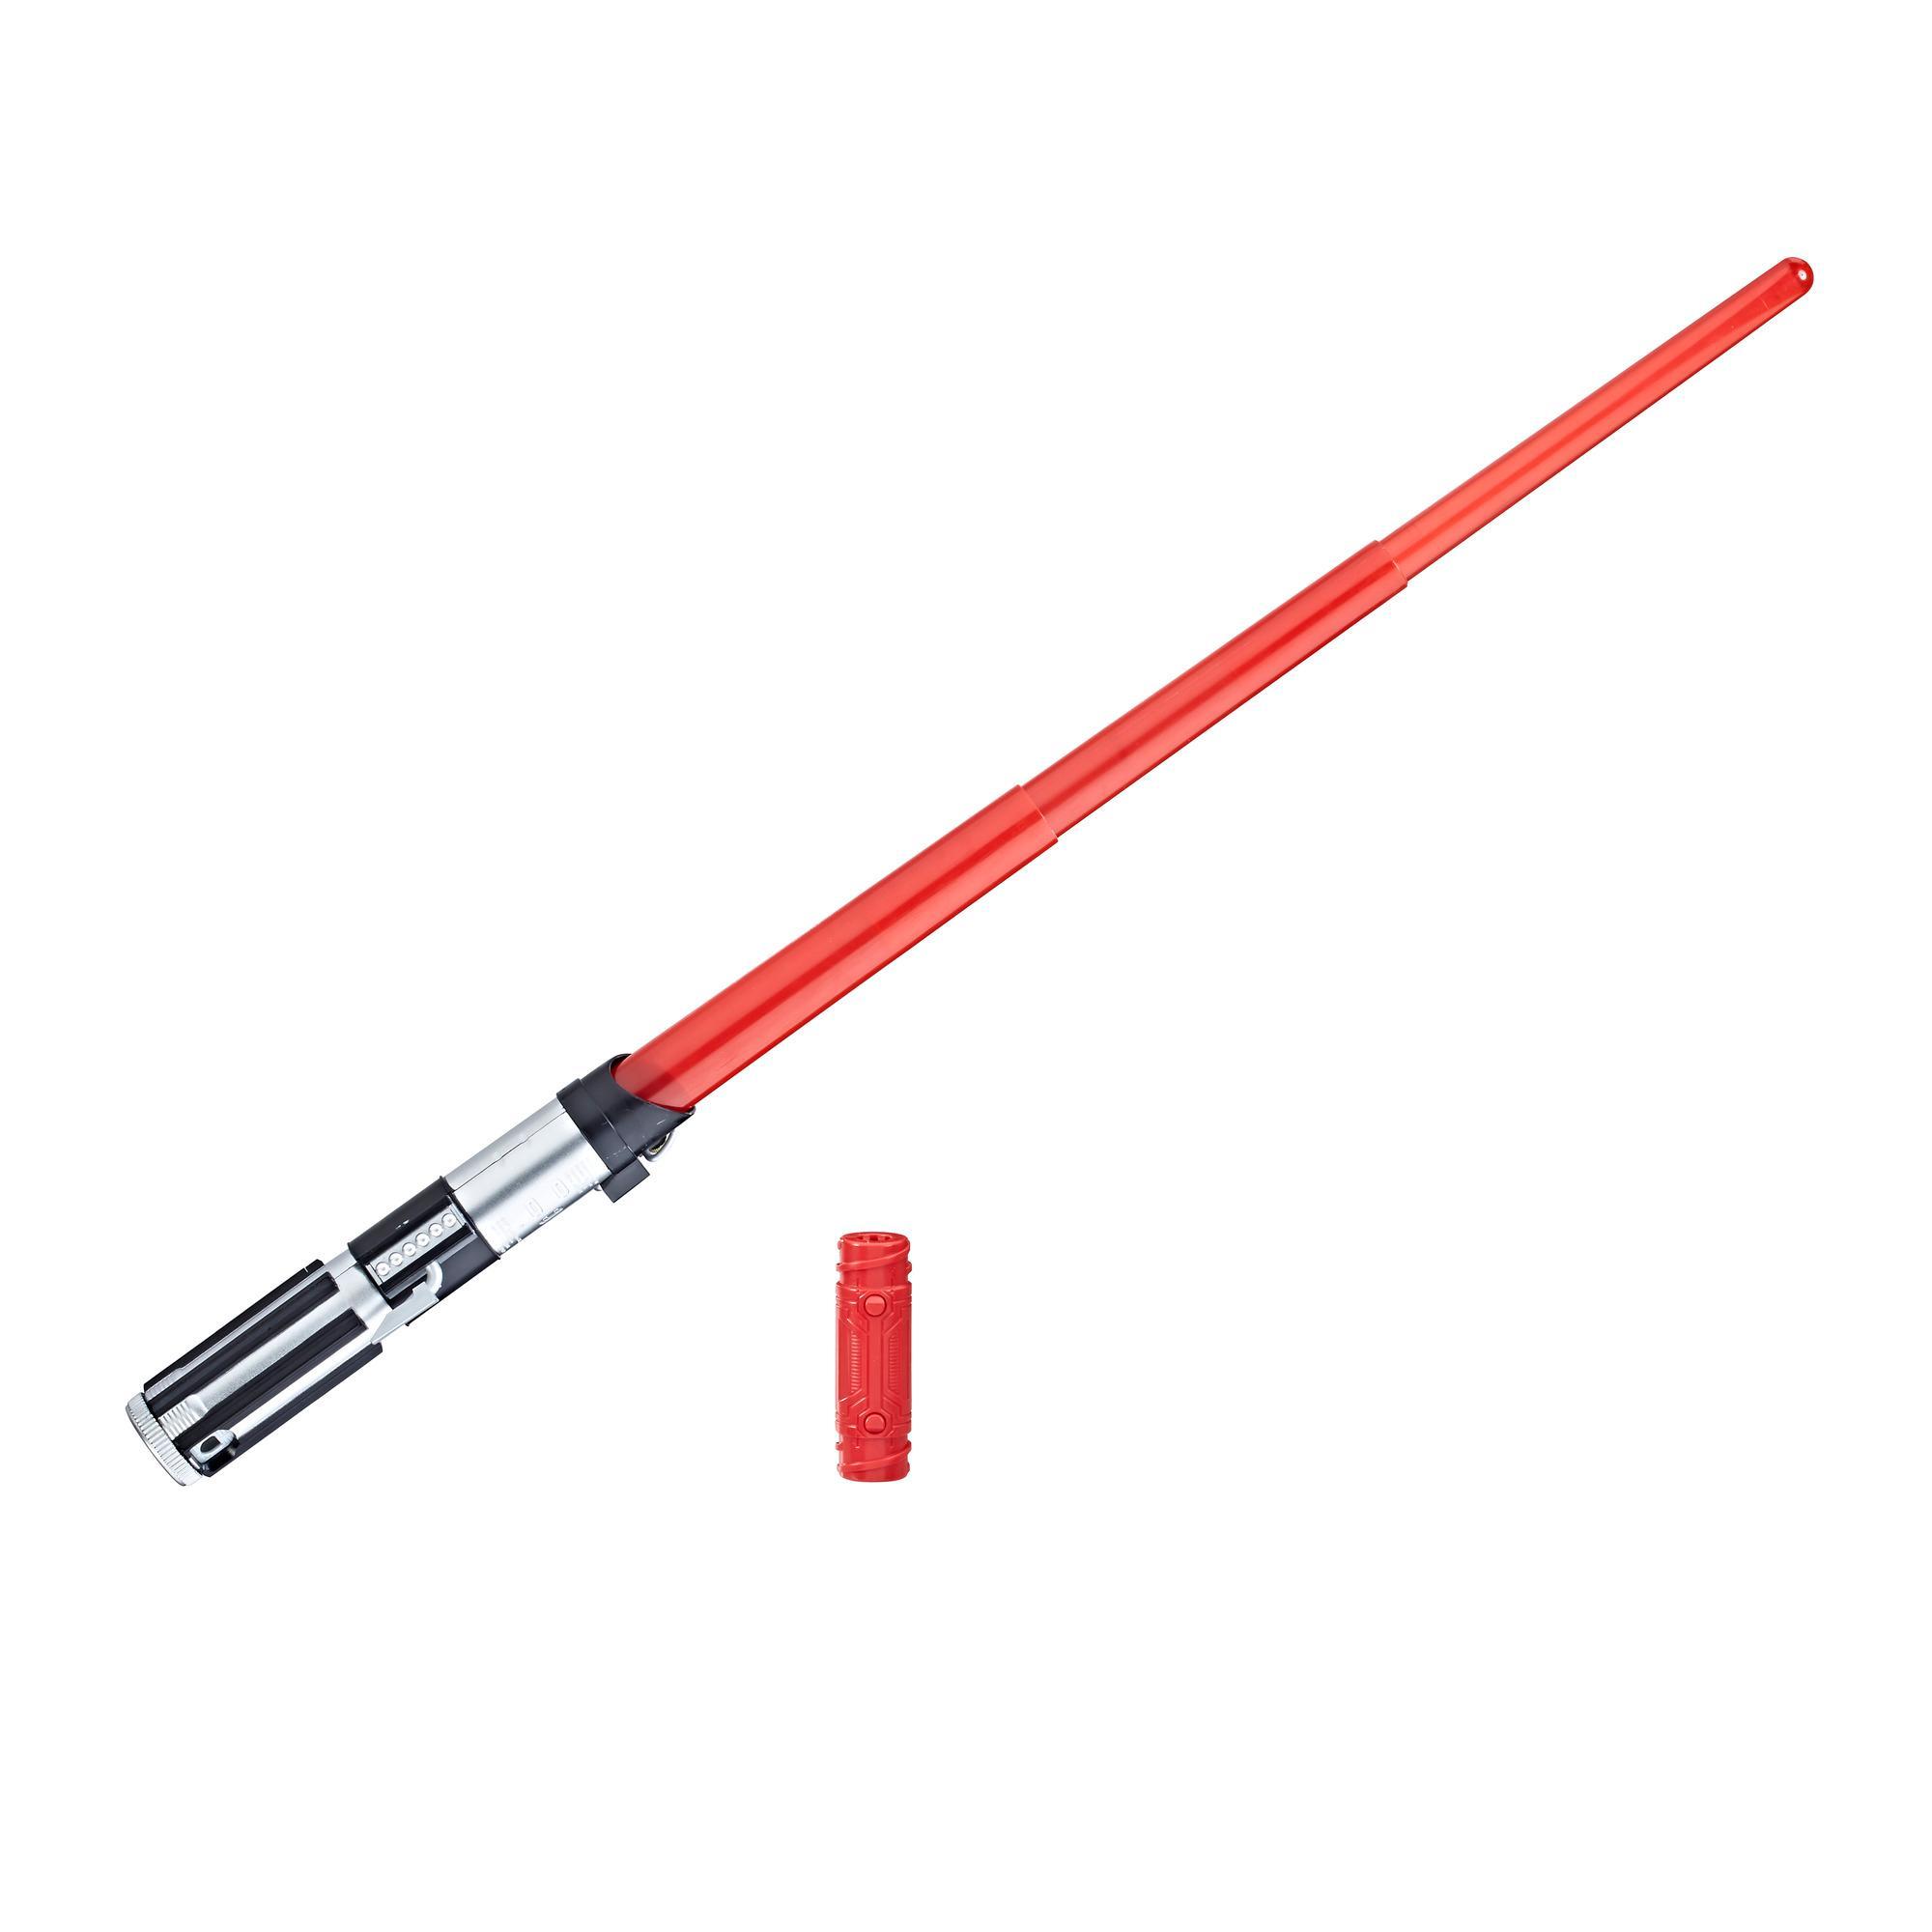 Star Wars: Uma Nova Esperança - sabre de luz eletrônico do Darth Vader